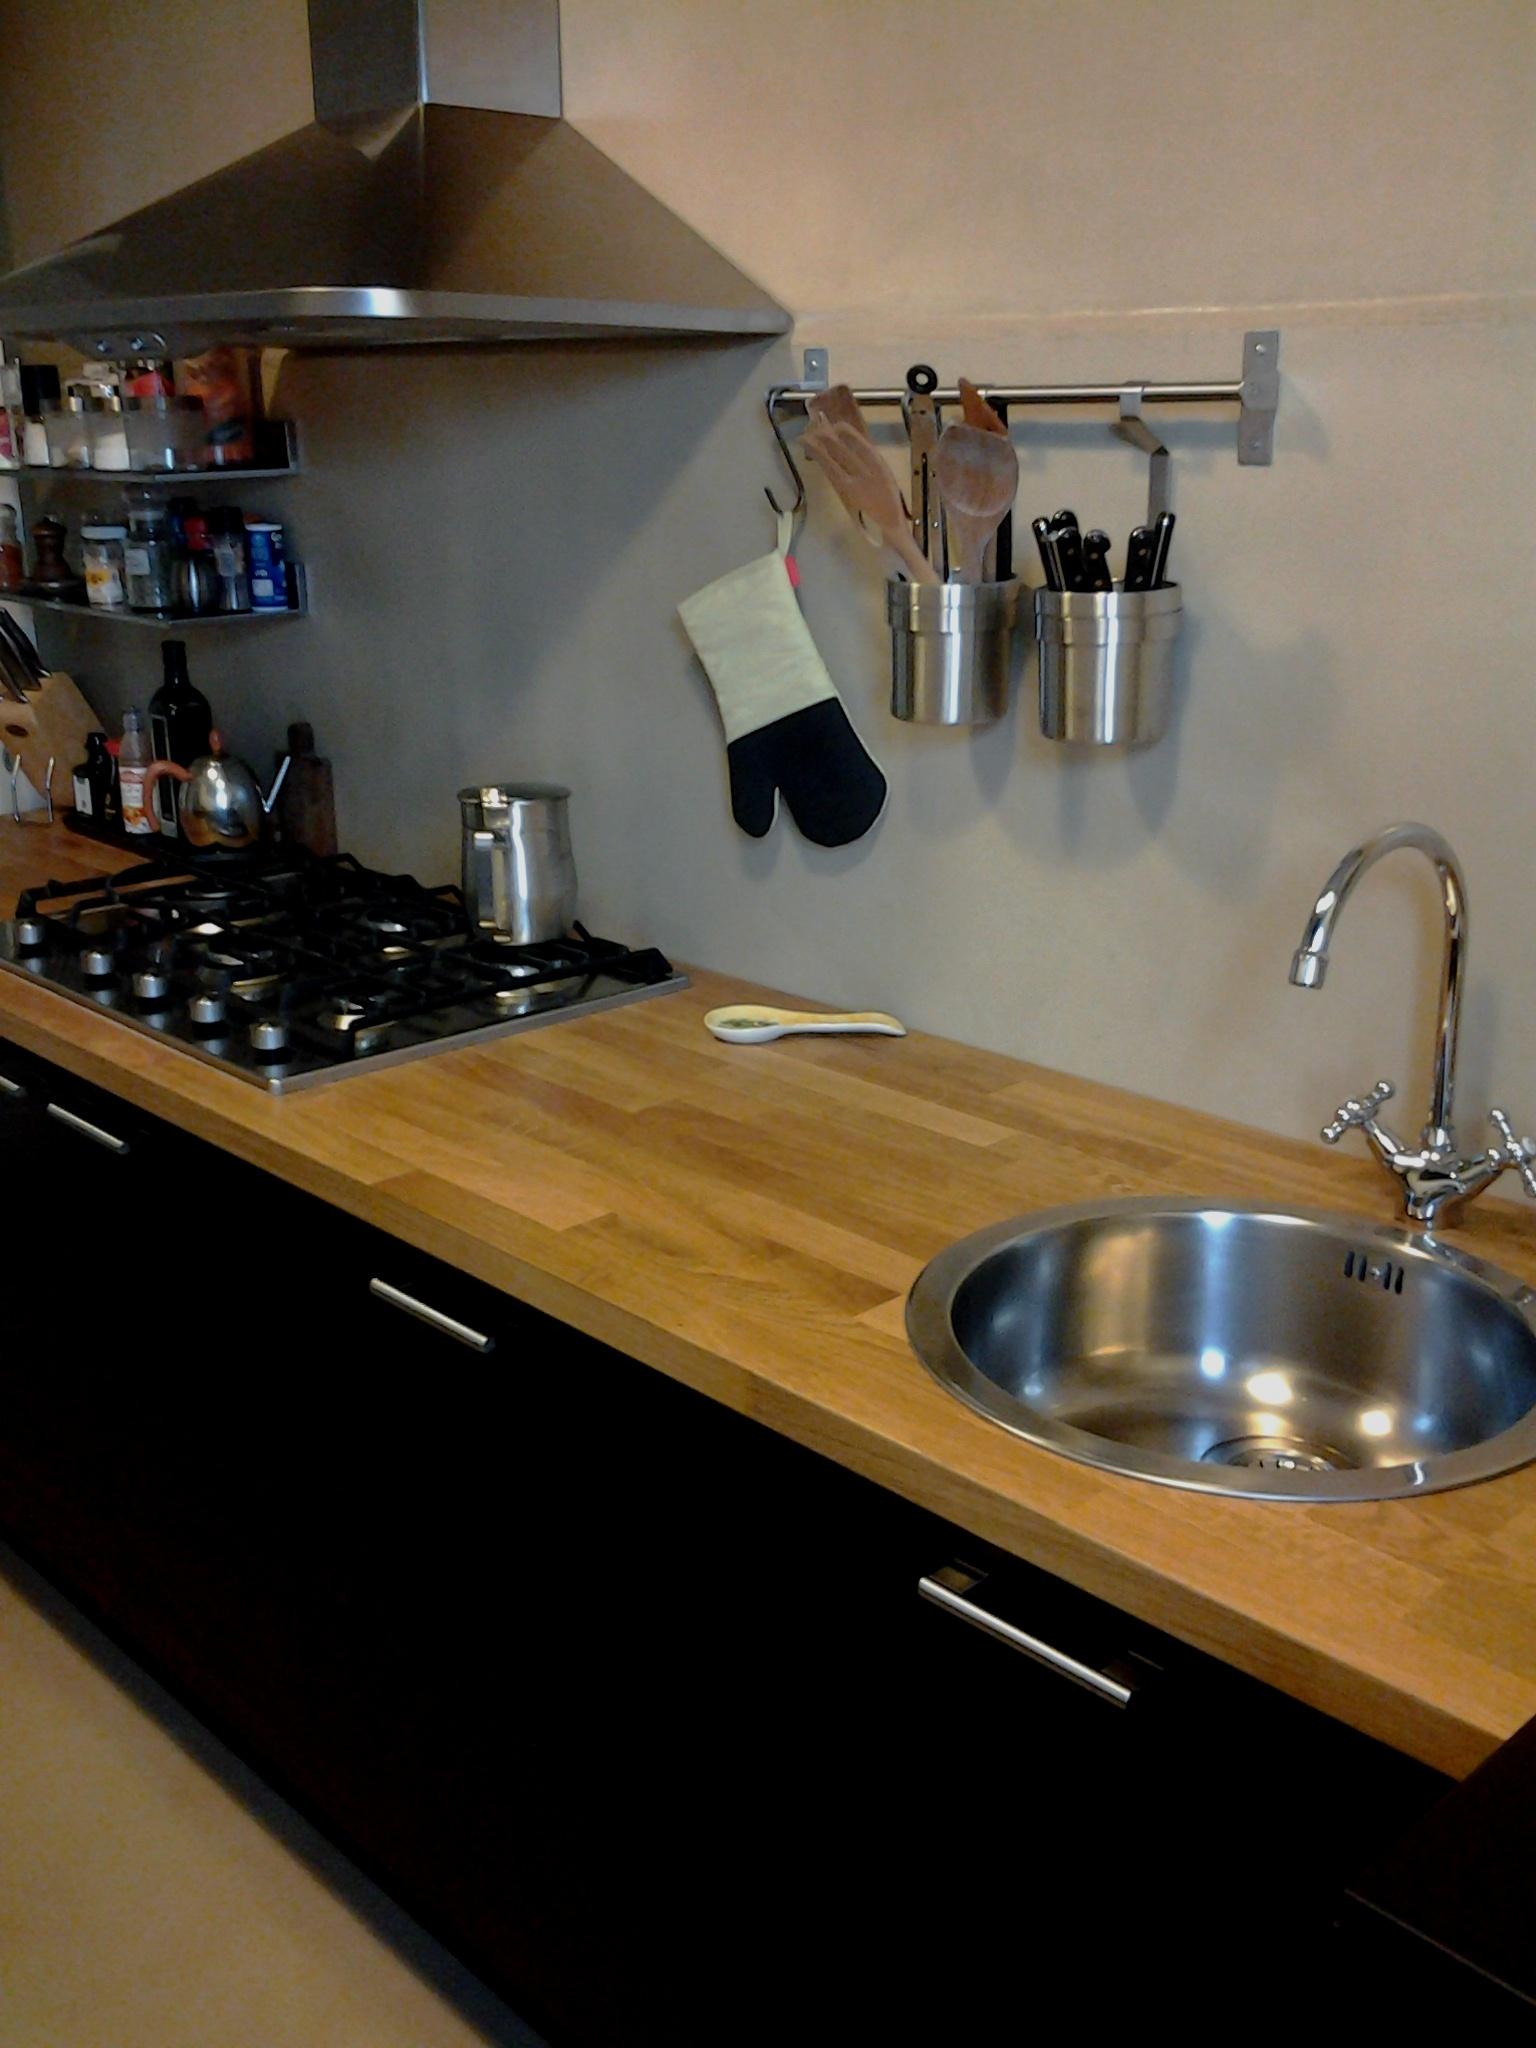 Resina Per Piastrelle Cucina.Home Pavimenti In Resina E Rivestimenti In Microcemento A